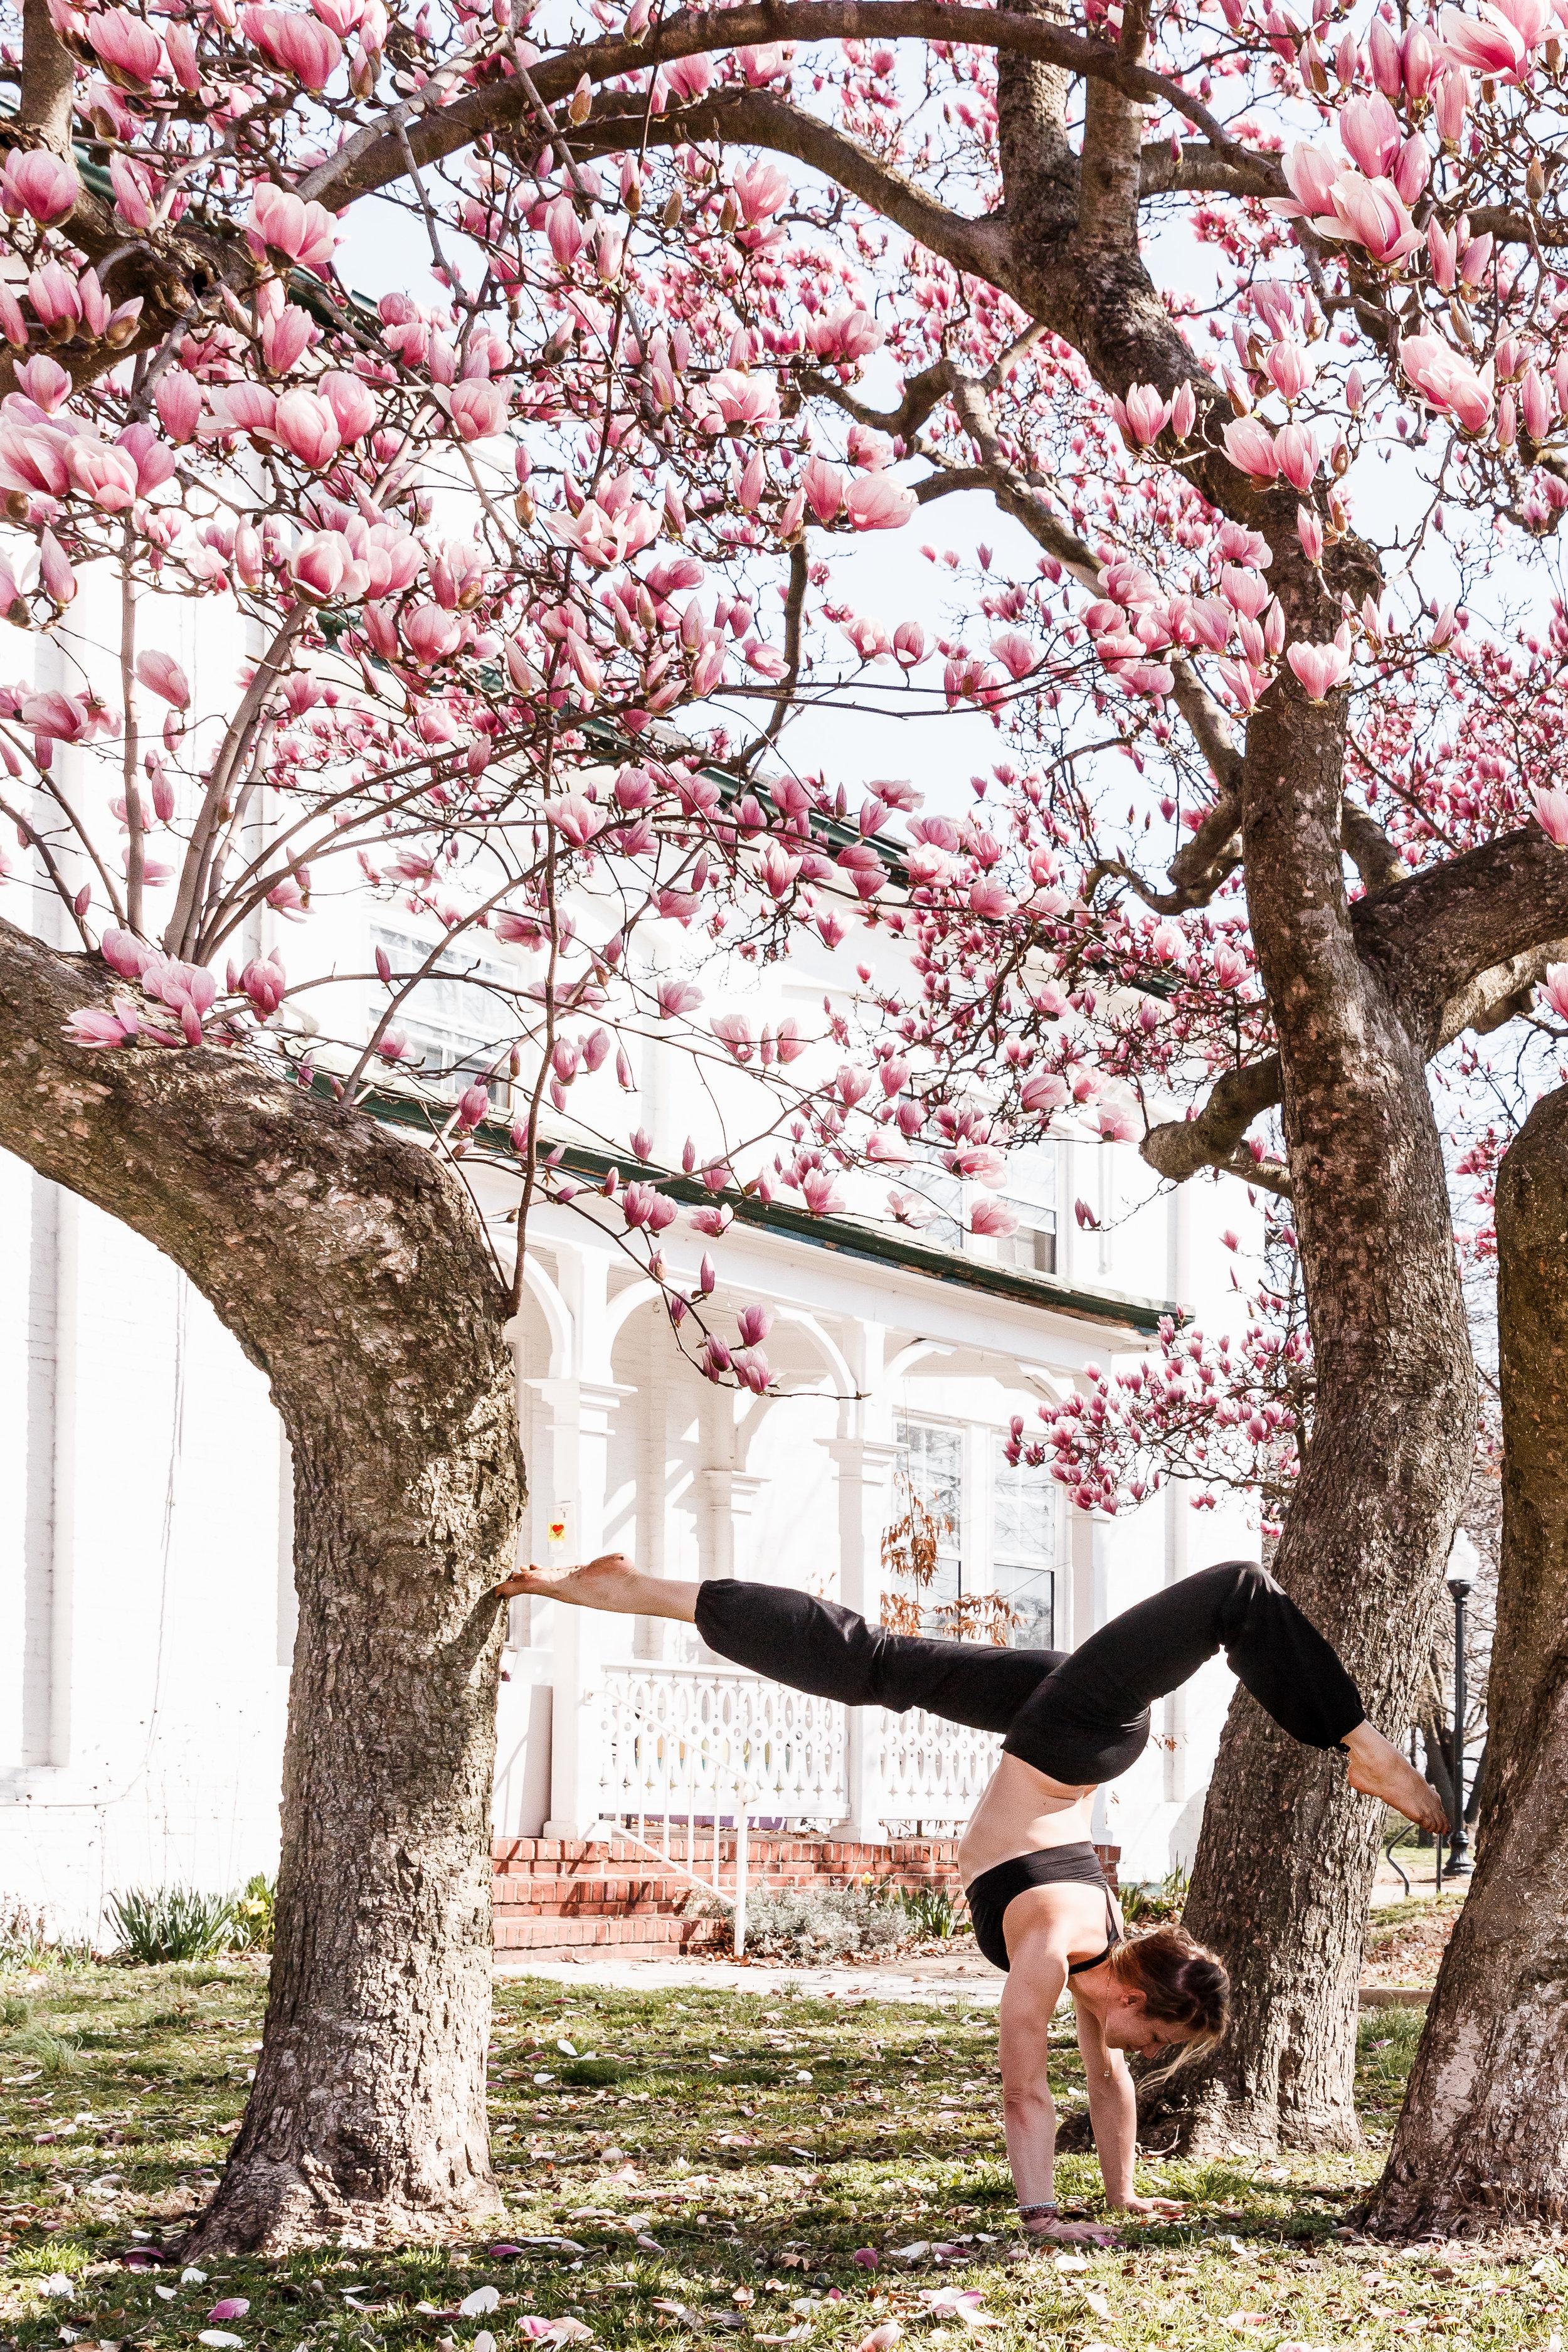 When the magnolia blossoms...